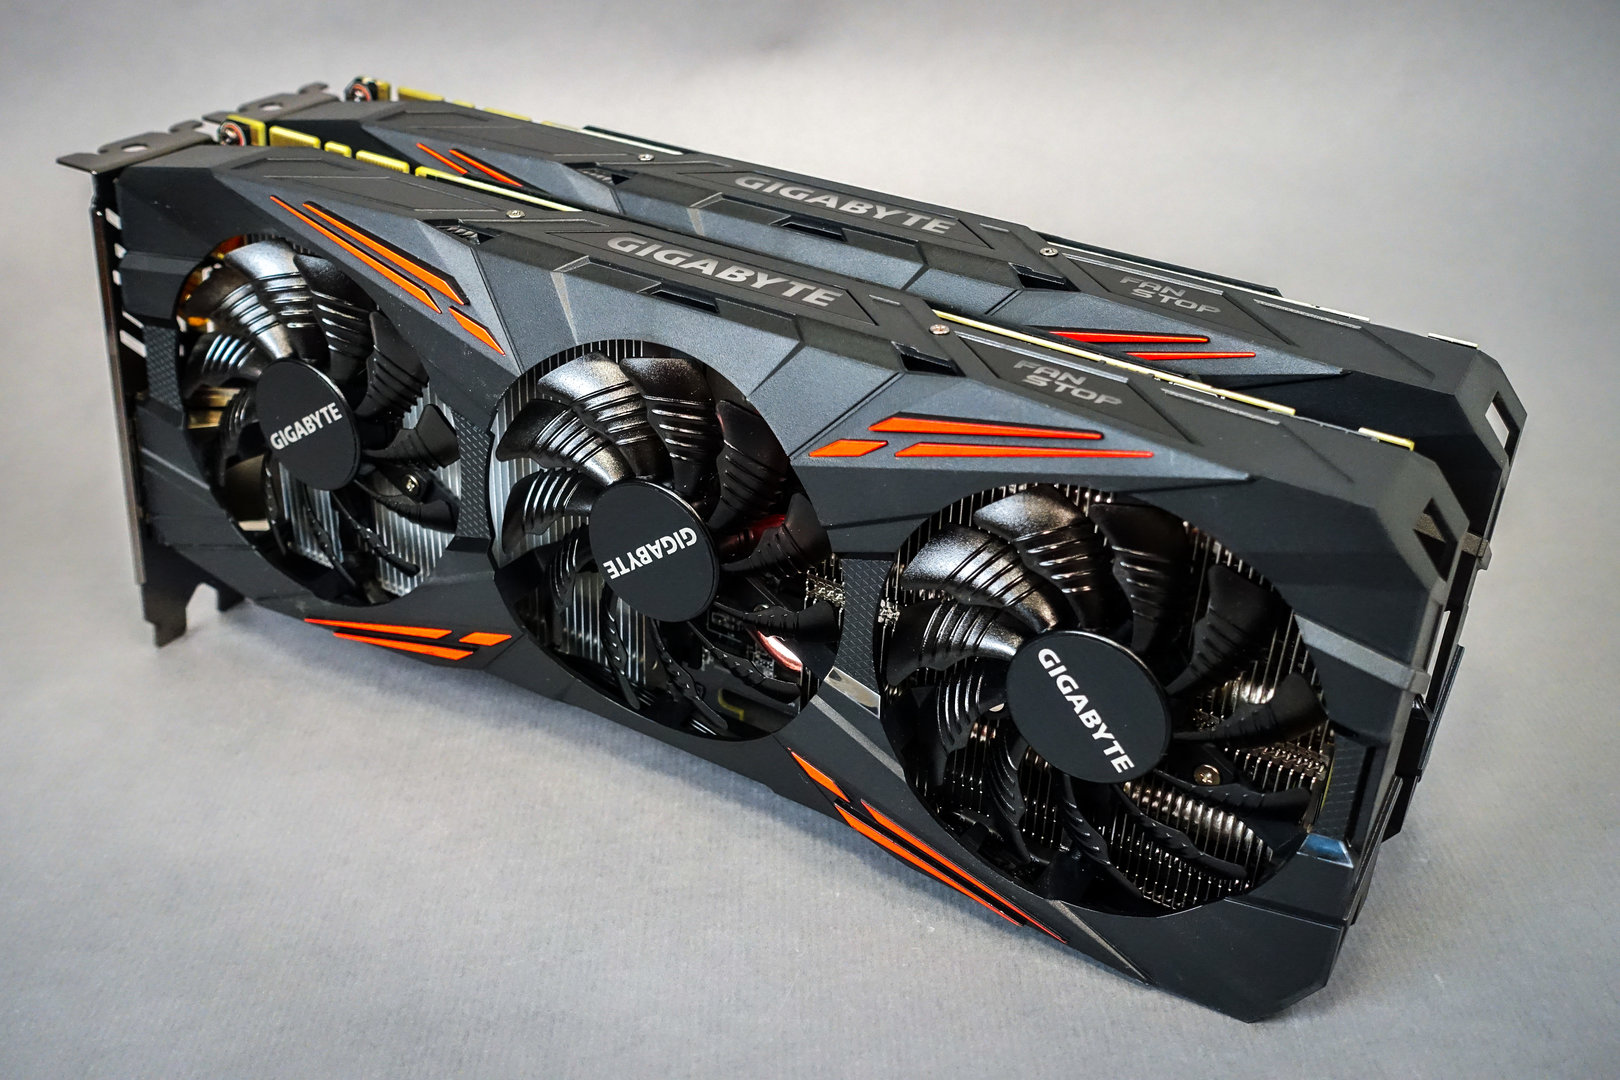 Gigabyte GTX 1080 G1 Gaming